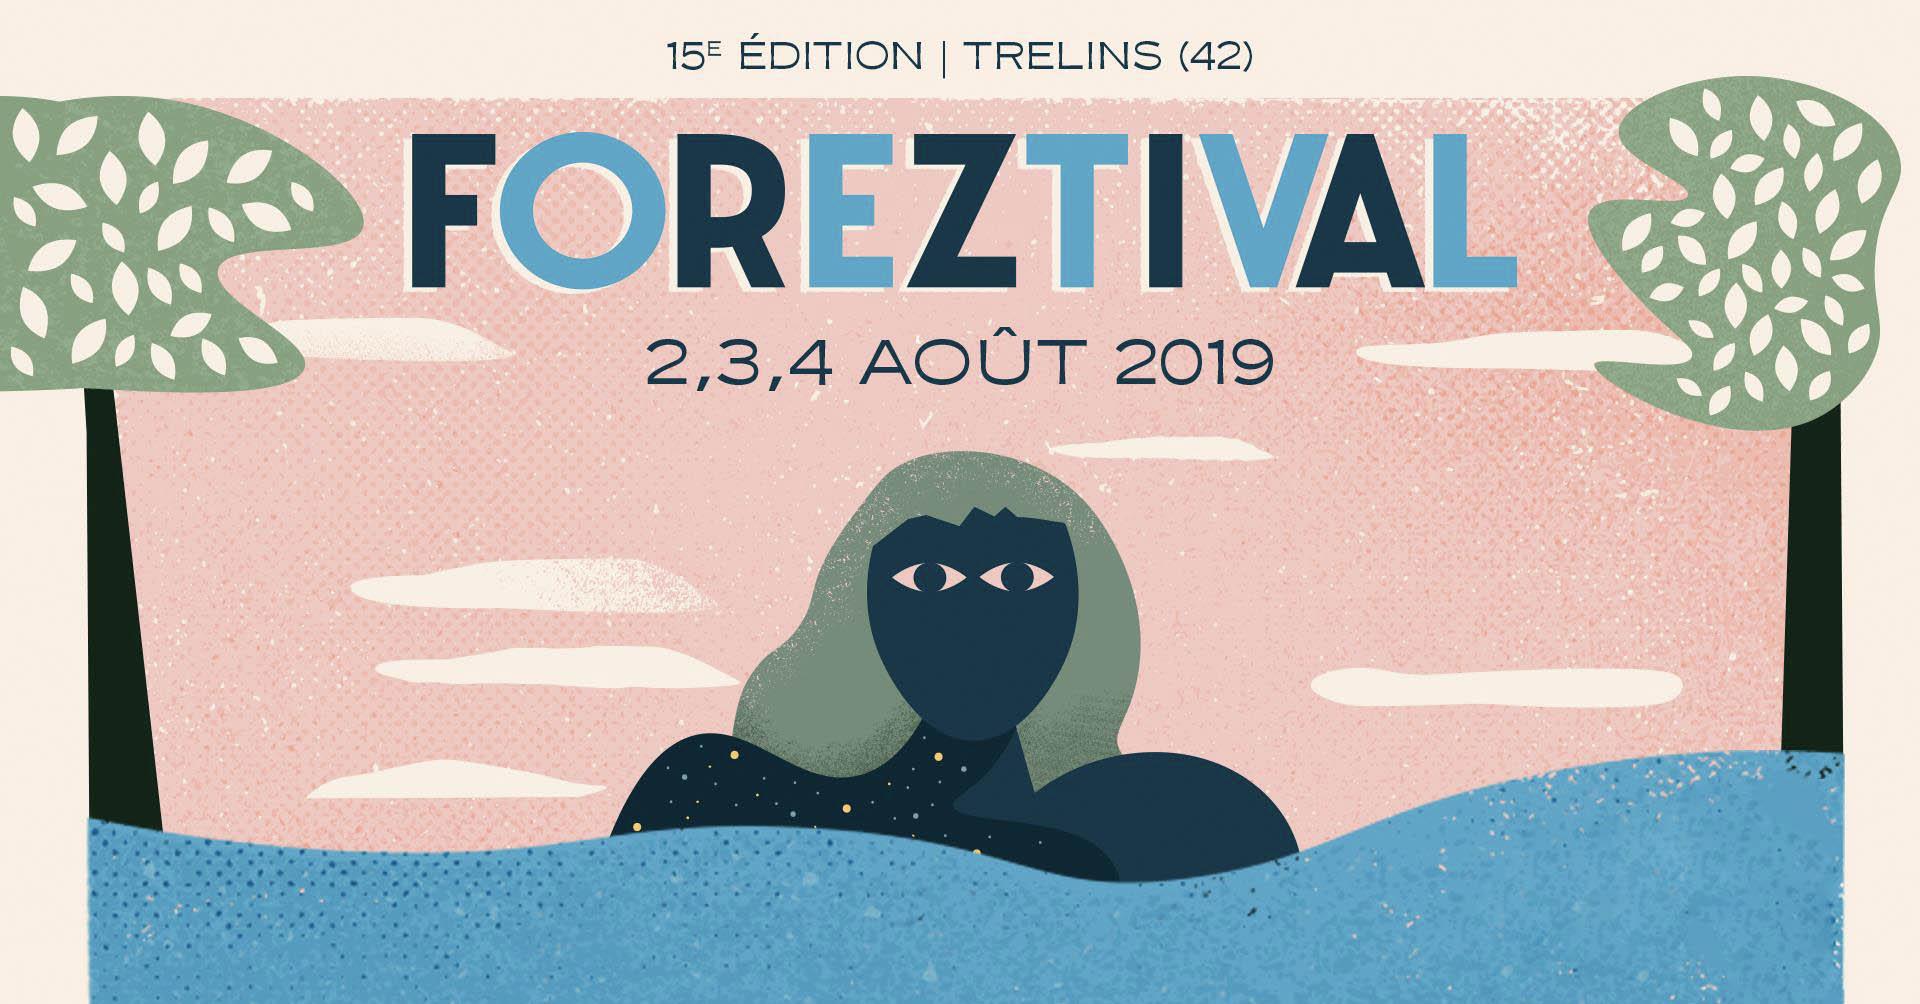 Foreztival-2019